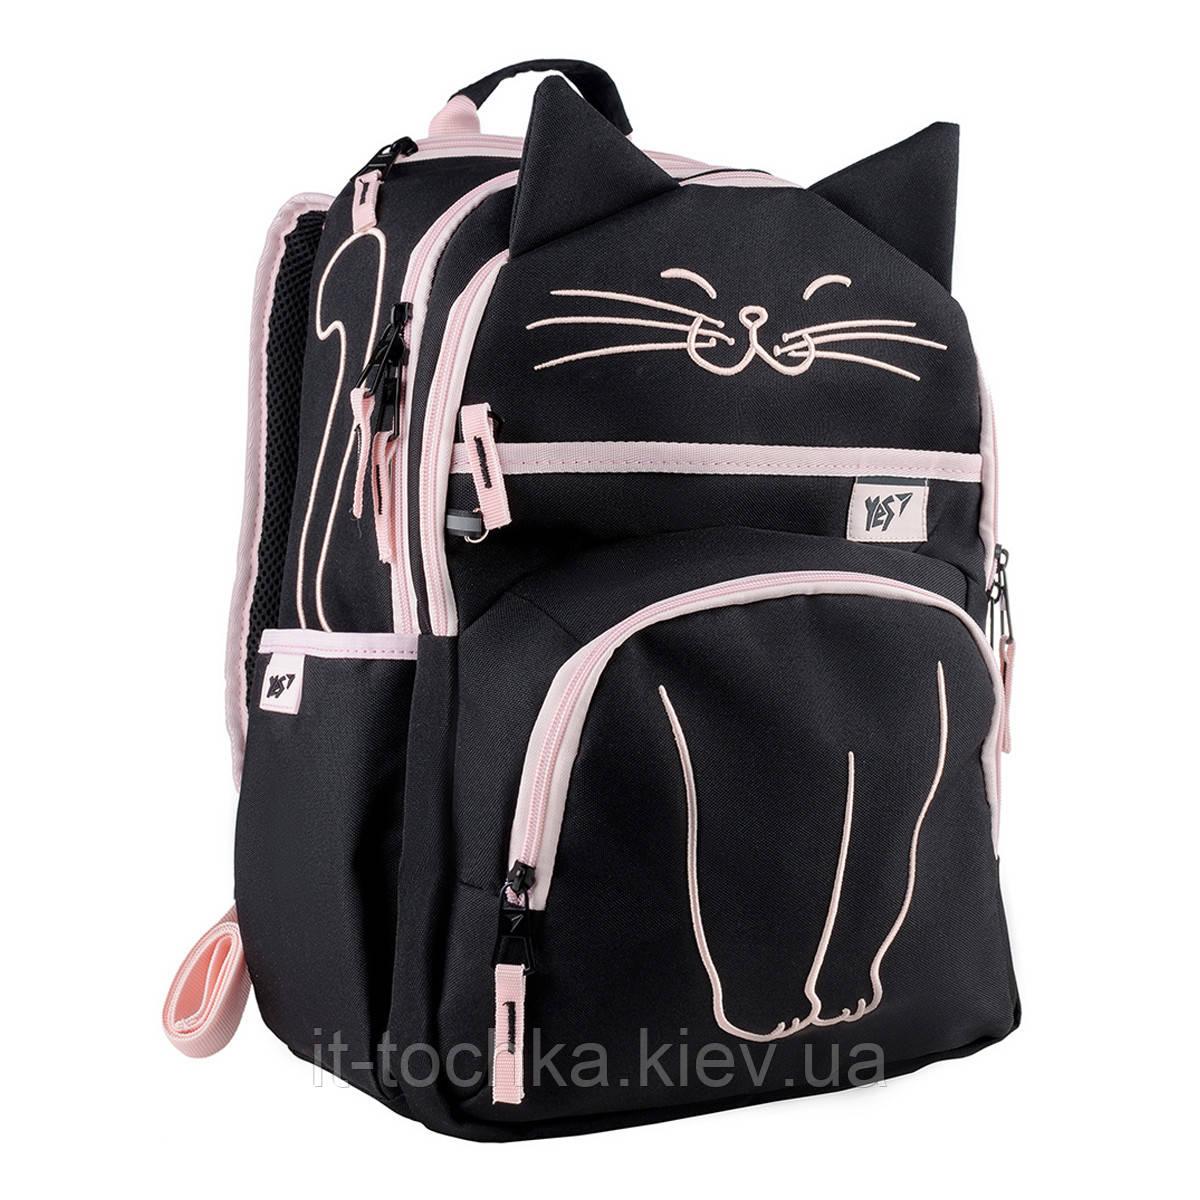 Рюкзак школьный yes s-39  meow yes 558338